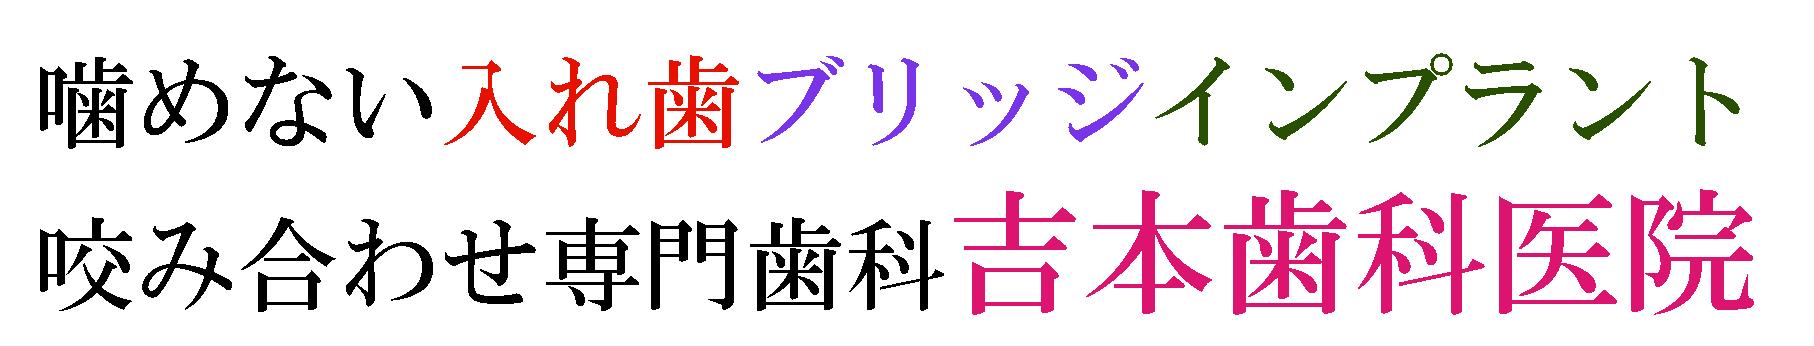 噛めるようになりたい、見た目を良くしたい。合わない噛めない痛い入れ歯やブリッジでお悩みの方へ。かみあわせ専門の吉本歯科医院。四国各地から「噛める」を求めて治療に来て頂いております。香川県高知県愛媛県徳島県より。